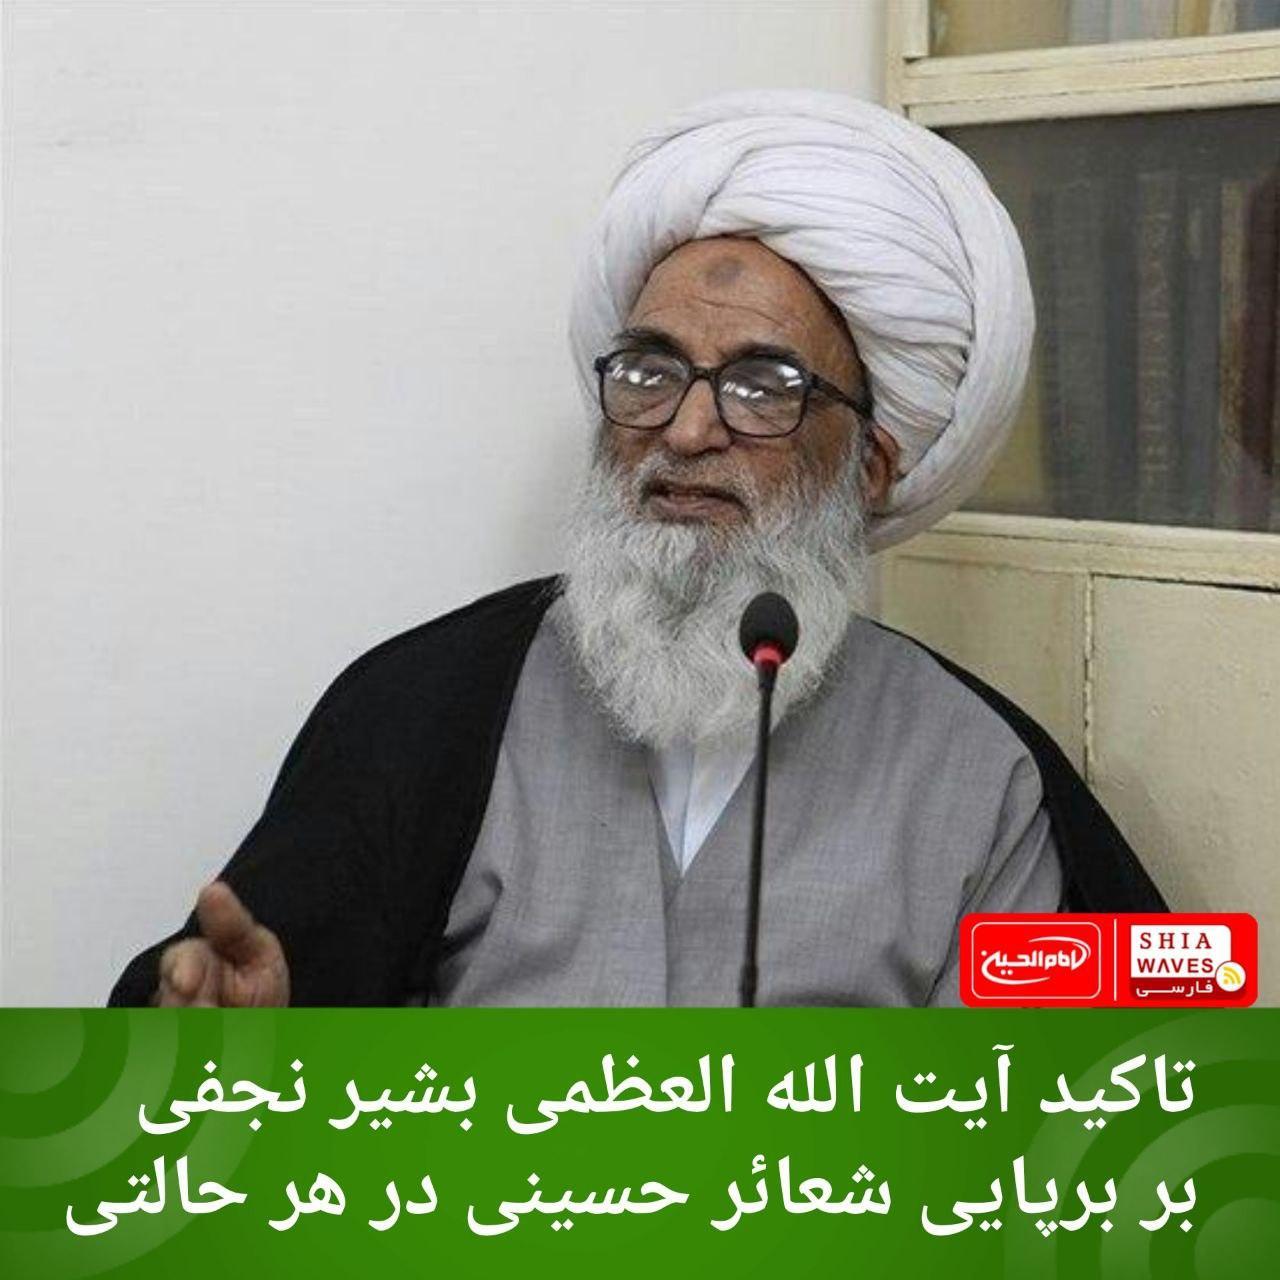 تصویر تاکید آیت الله العظمی بشیر نجفی بر برپایی شعائر حسینی در هر حالتی